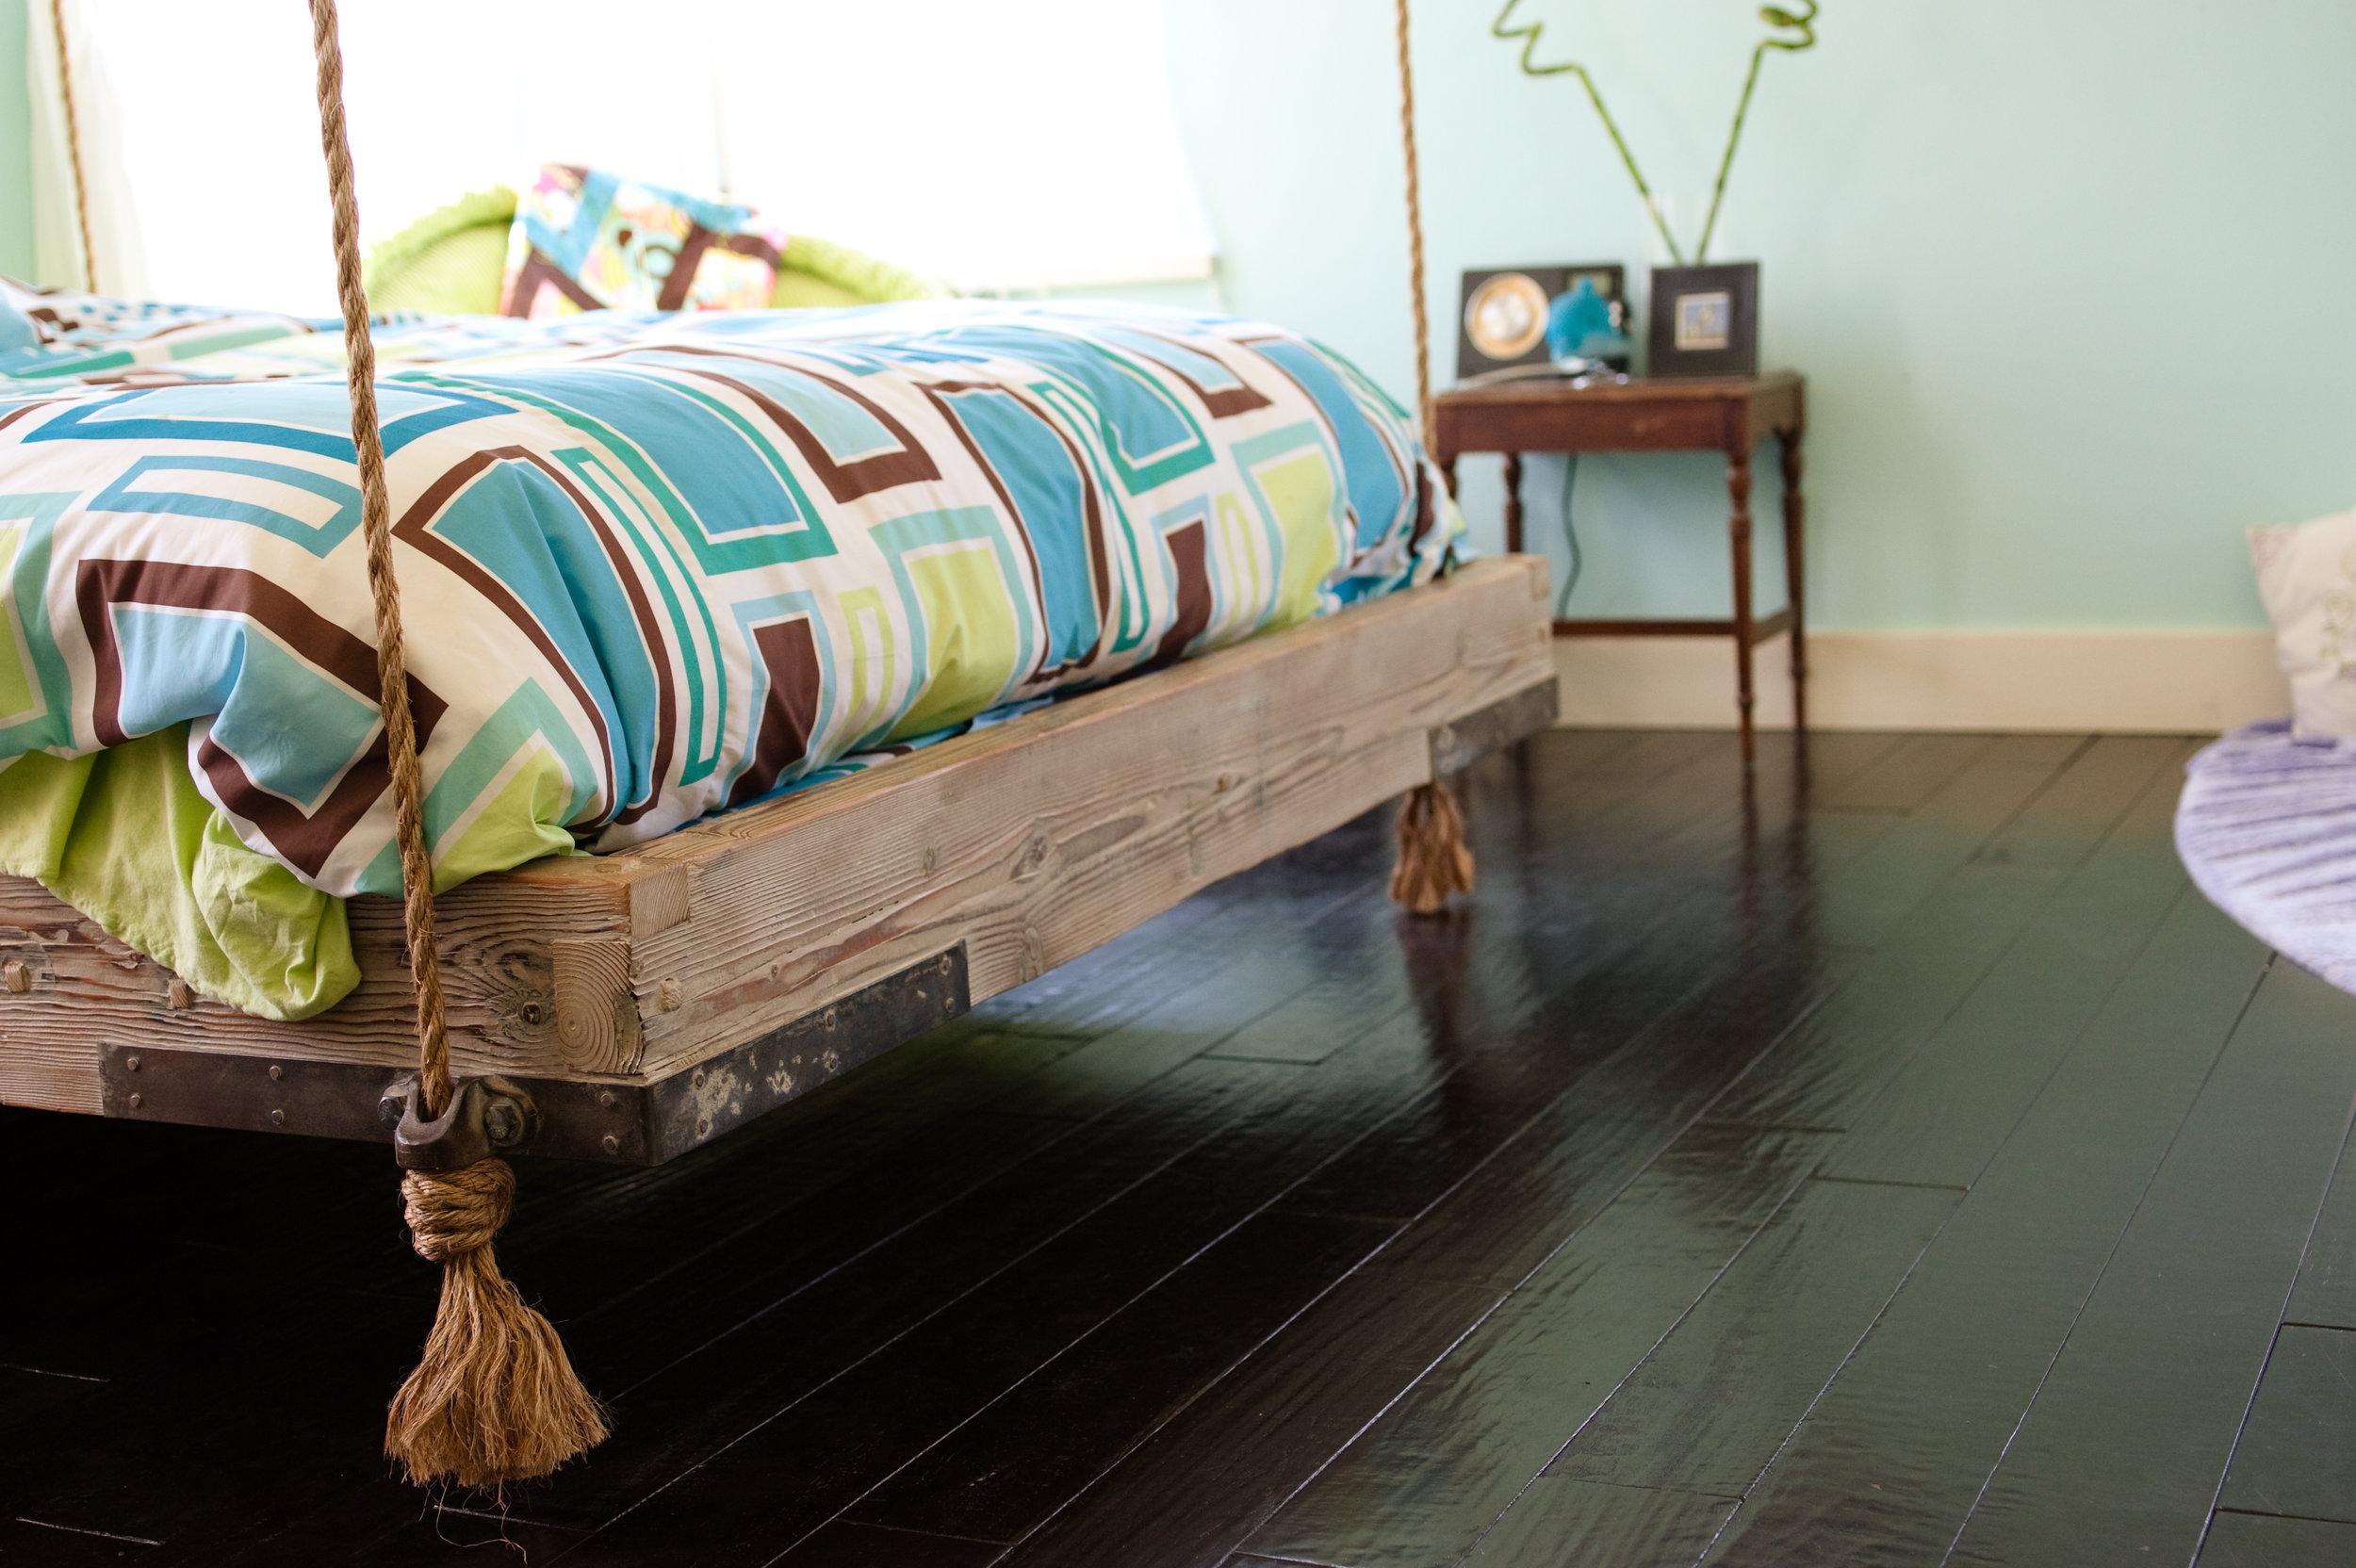 ben-riddering-hanging-bed